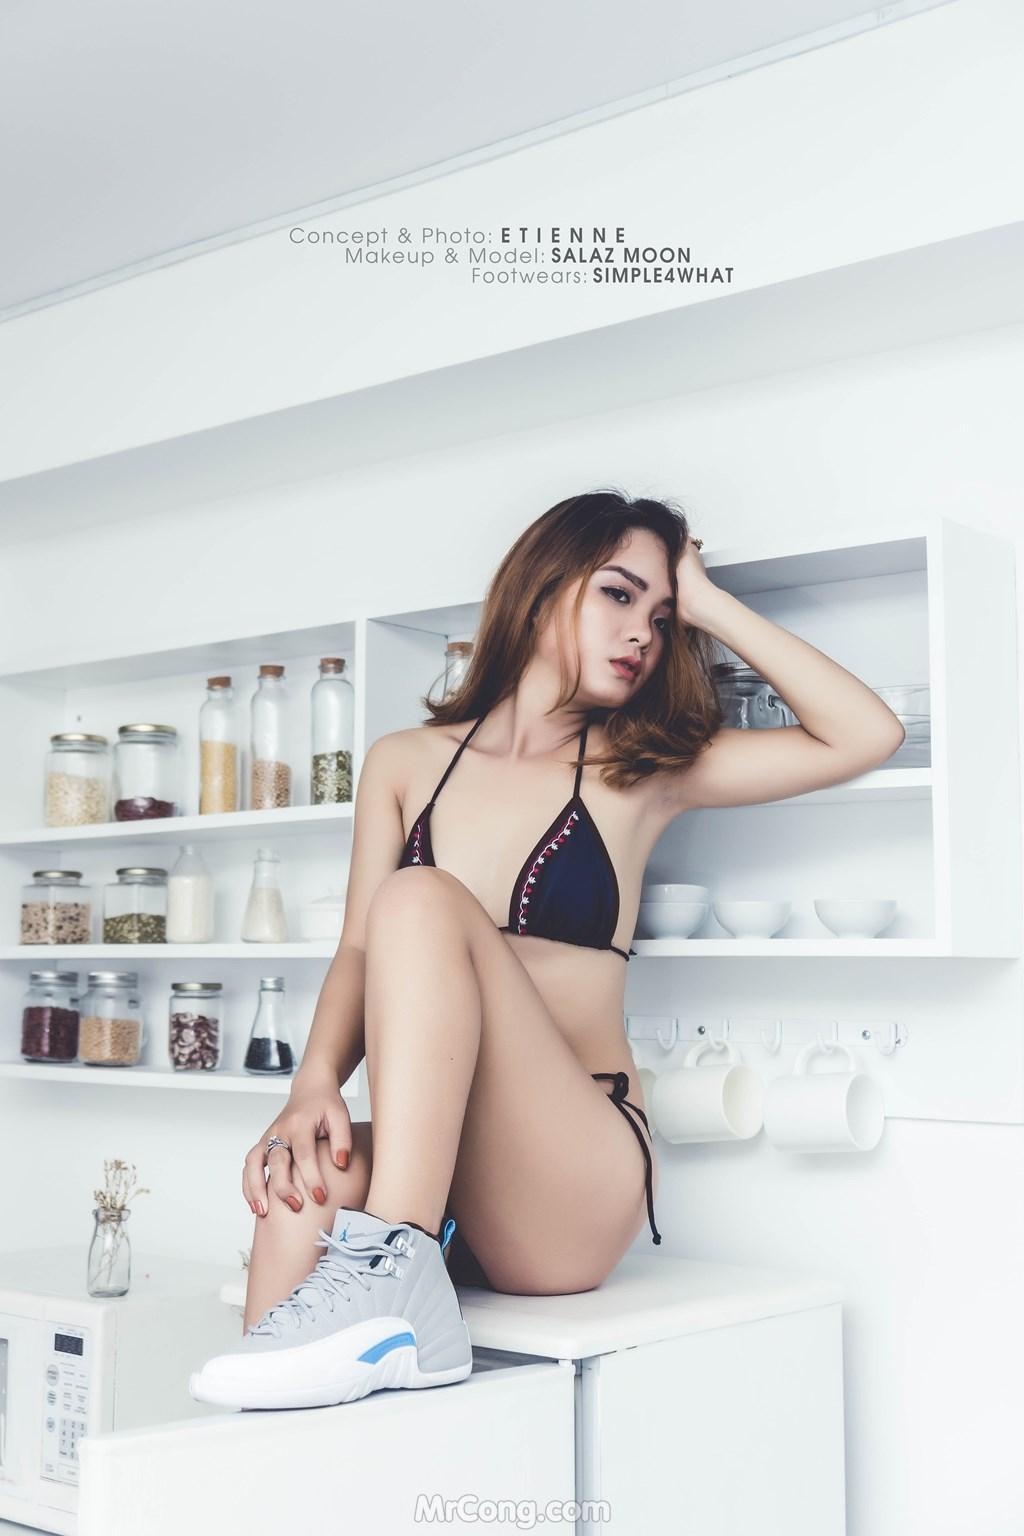 Image Sexy-Vietnamese-Models-by-Le-Blanc-Studio-Phan-1-MrCong.com-001 in post Những bức ảnh nội y, bikini siêu nóng bỏng của Le Blanc Studio - Phần 1 (465 ảnh)